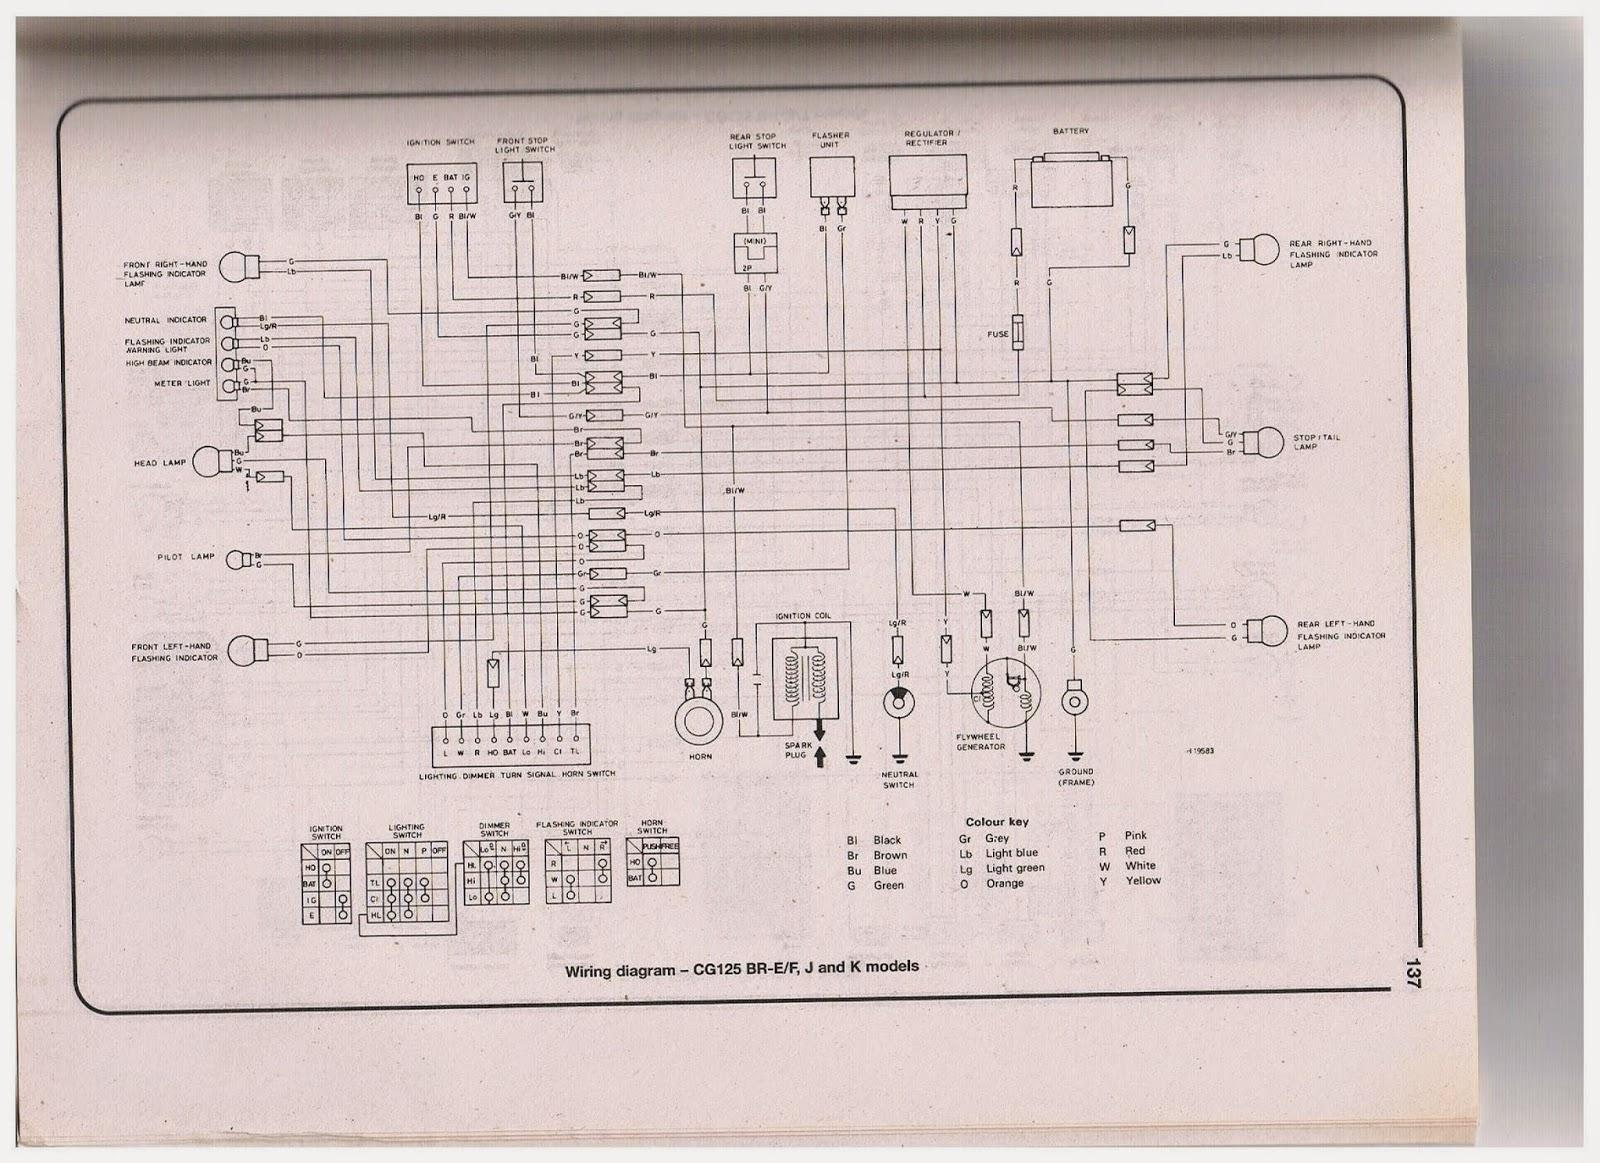 honda today 50 wiring diagram 14 pin relay cg 125 owner blog diagrams and